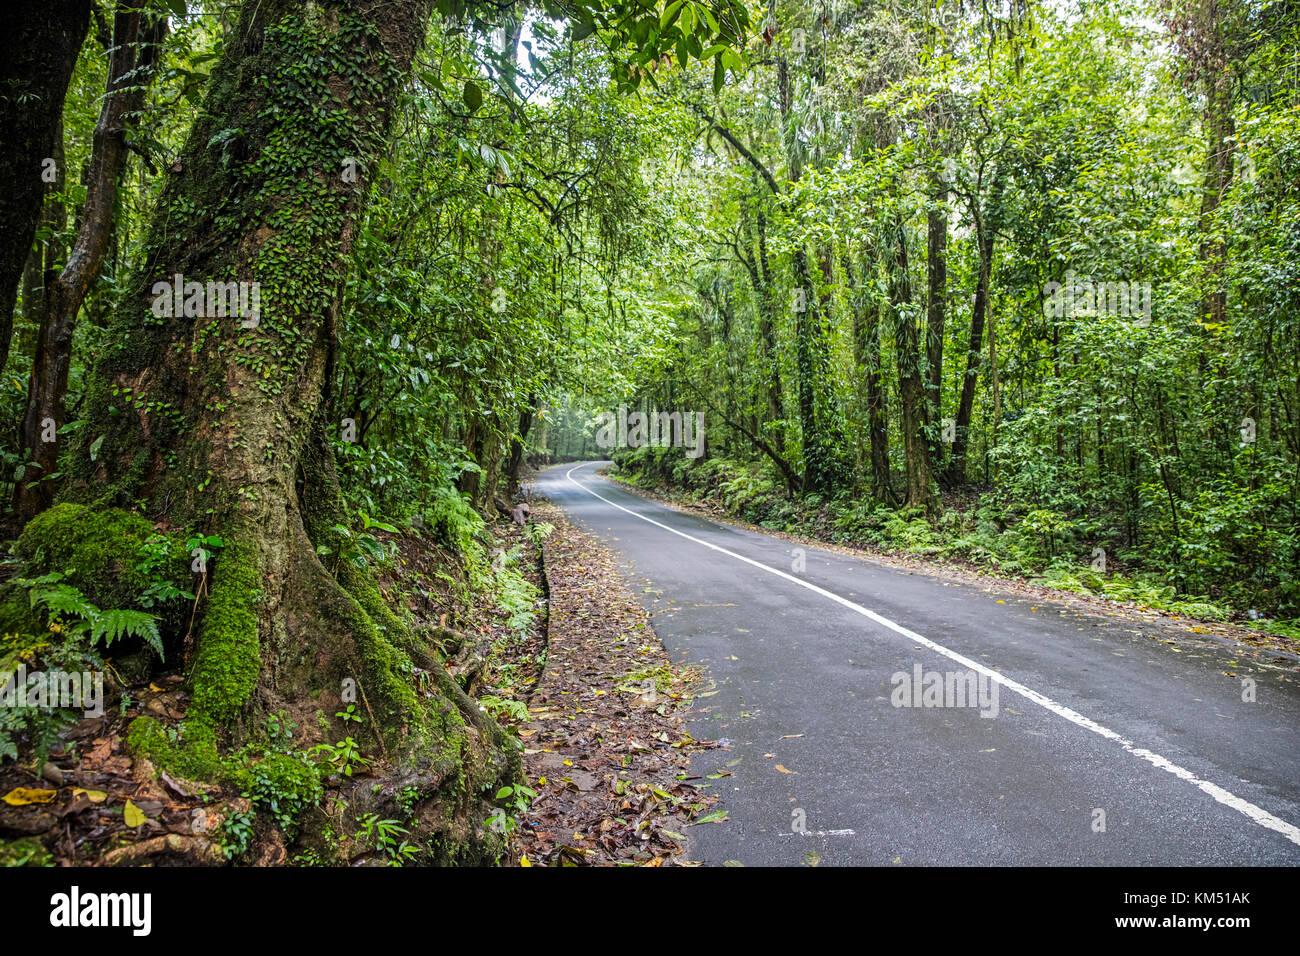 Kurvenreiche Straße durch tropischen Regenwald an den Hängen des Mount Rinjani, aktiver Vulkan auf der Insel Lombok, Stockfoto